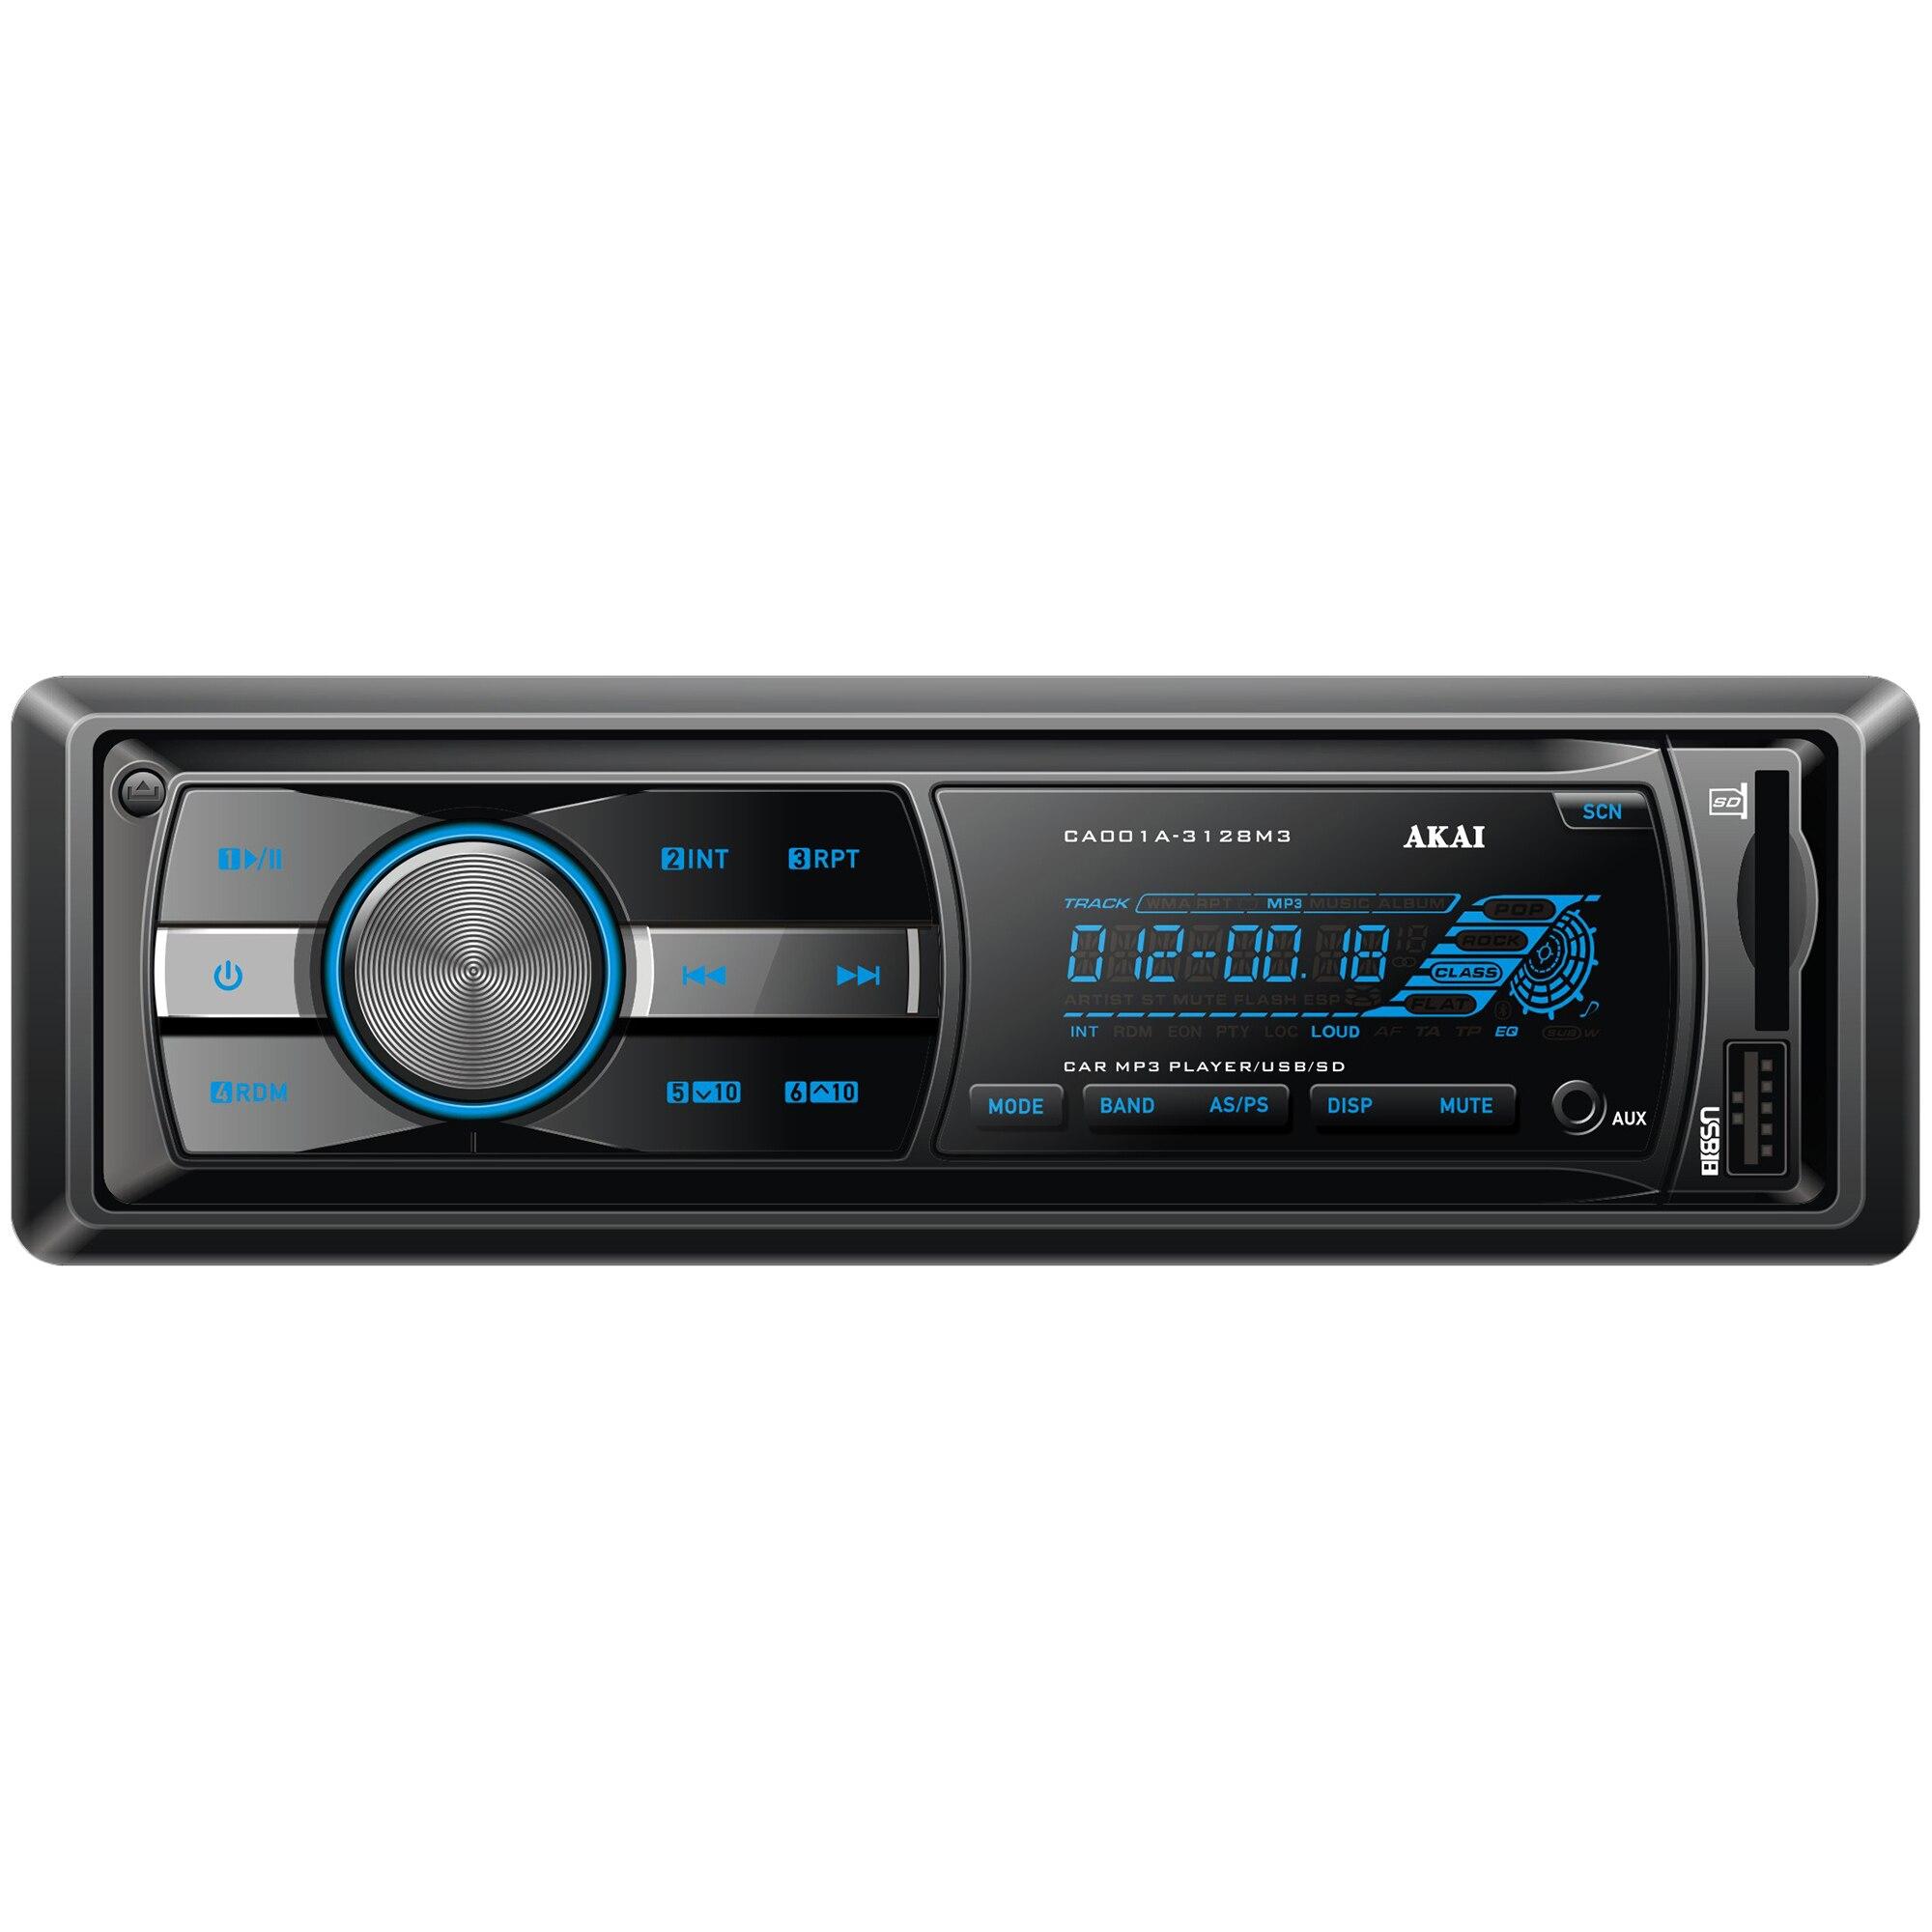 Fotografie Radio auto Akai CA001A-3128M3, 4x20W, USB, AUX